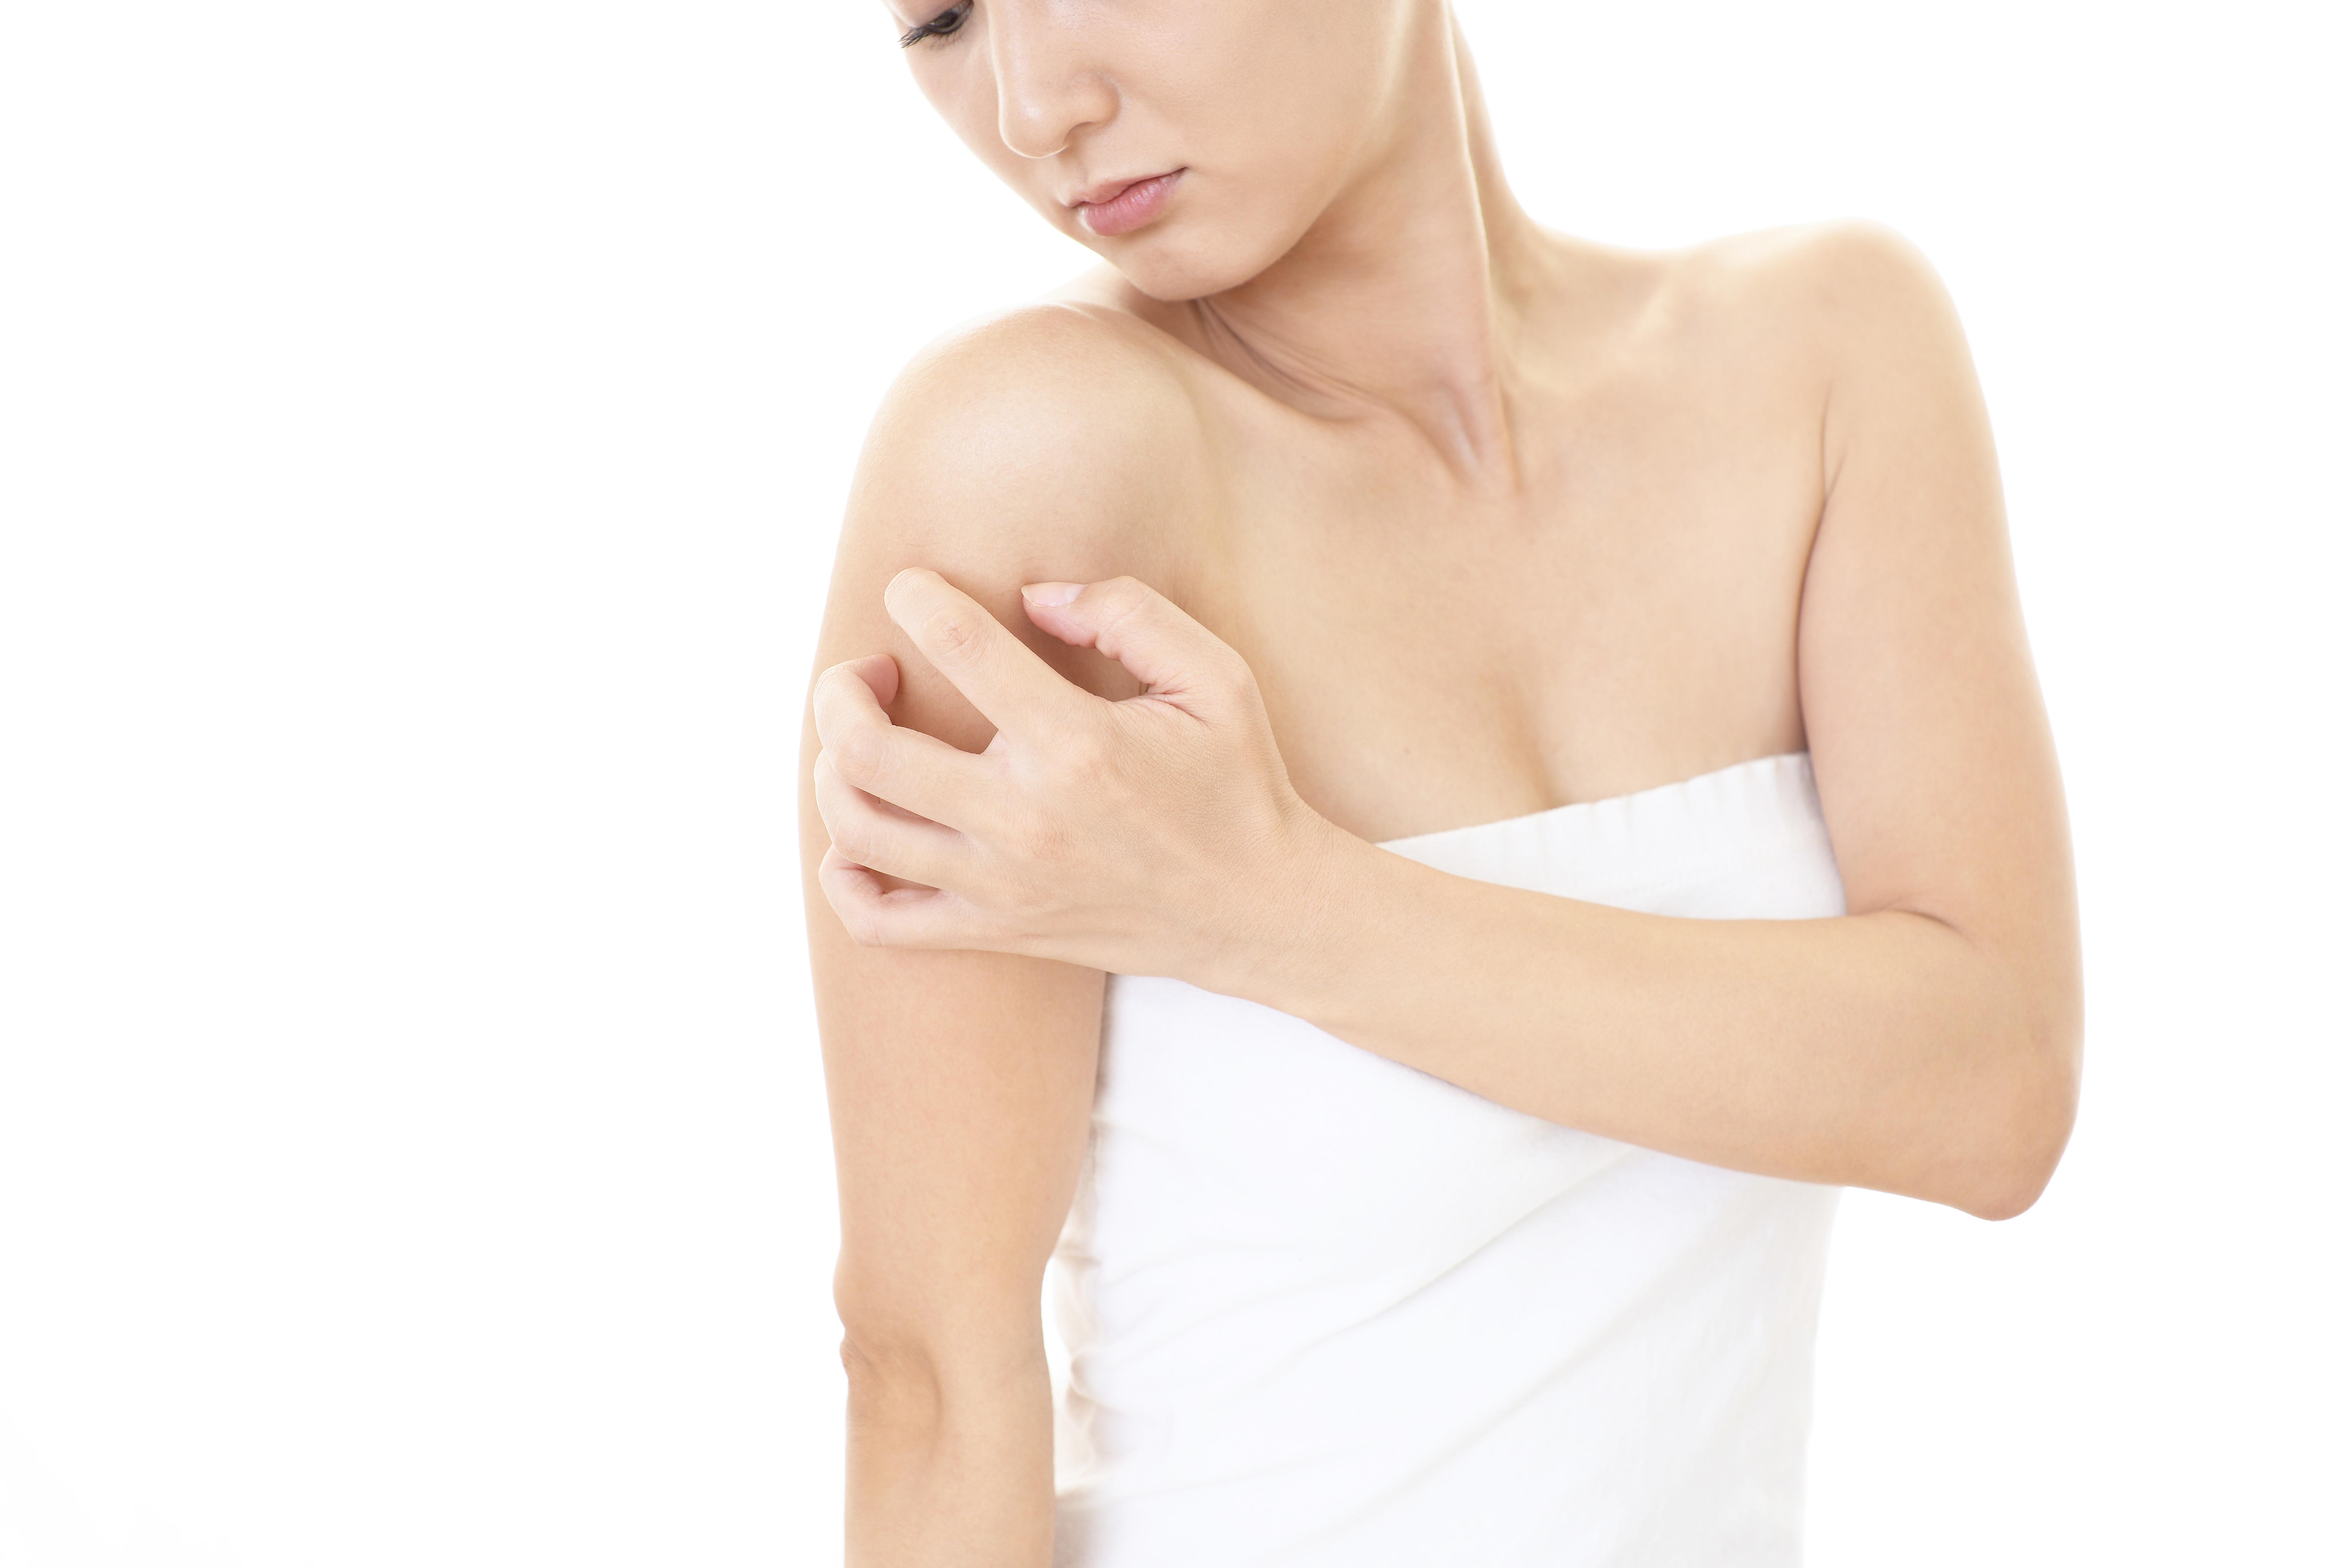 pikkelysömör kezelése a simoncini módszer szerint a pikkelysmr szisztms kezelse